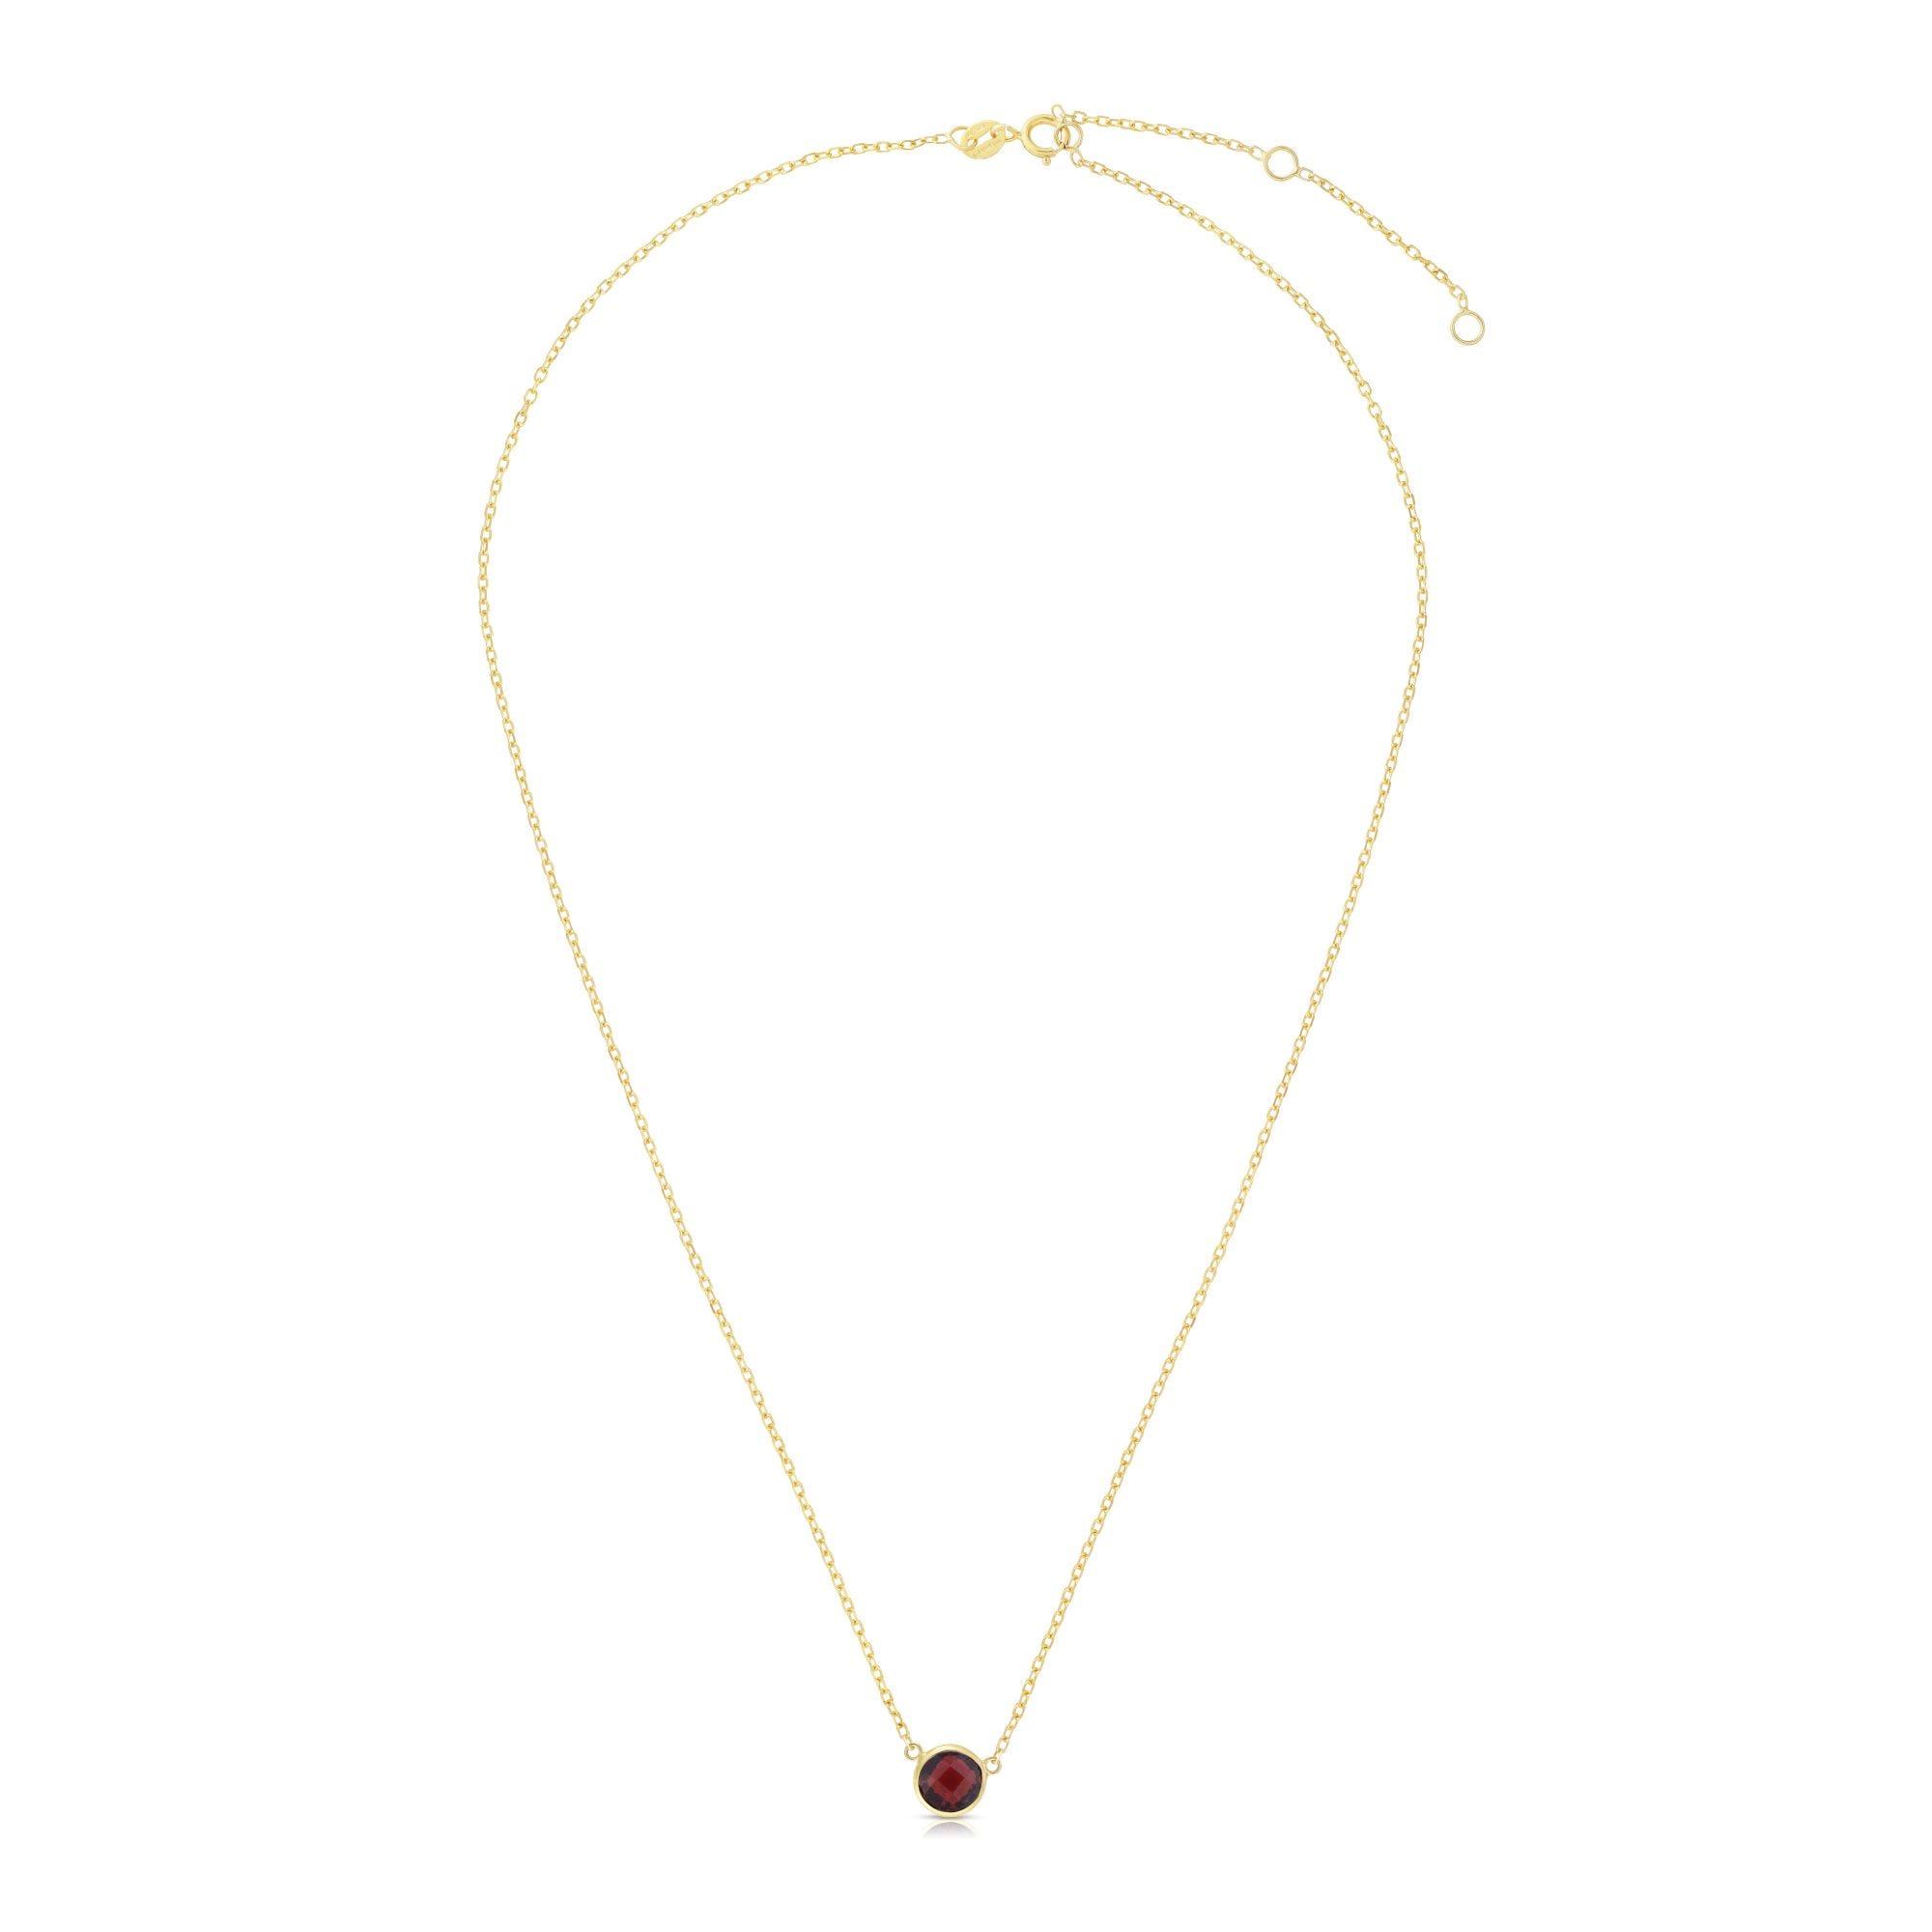 Garnet Round Necklace 17